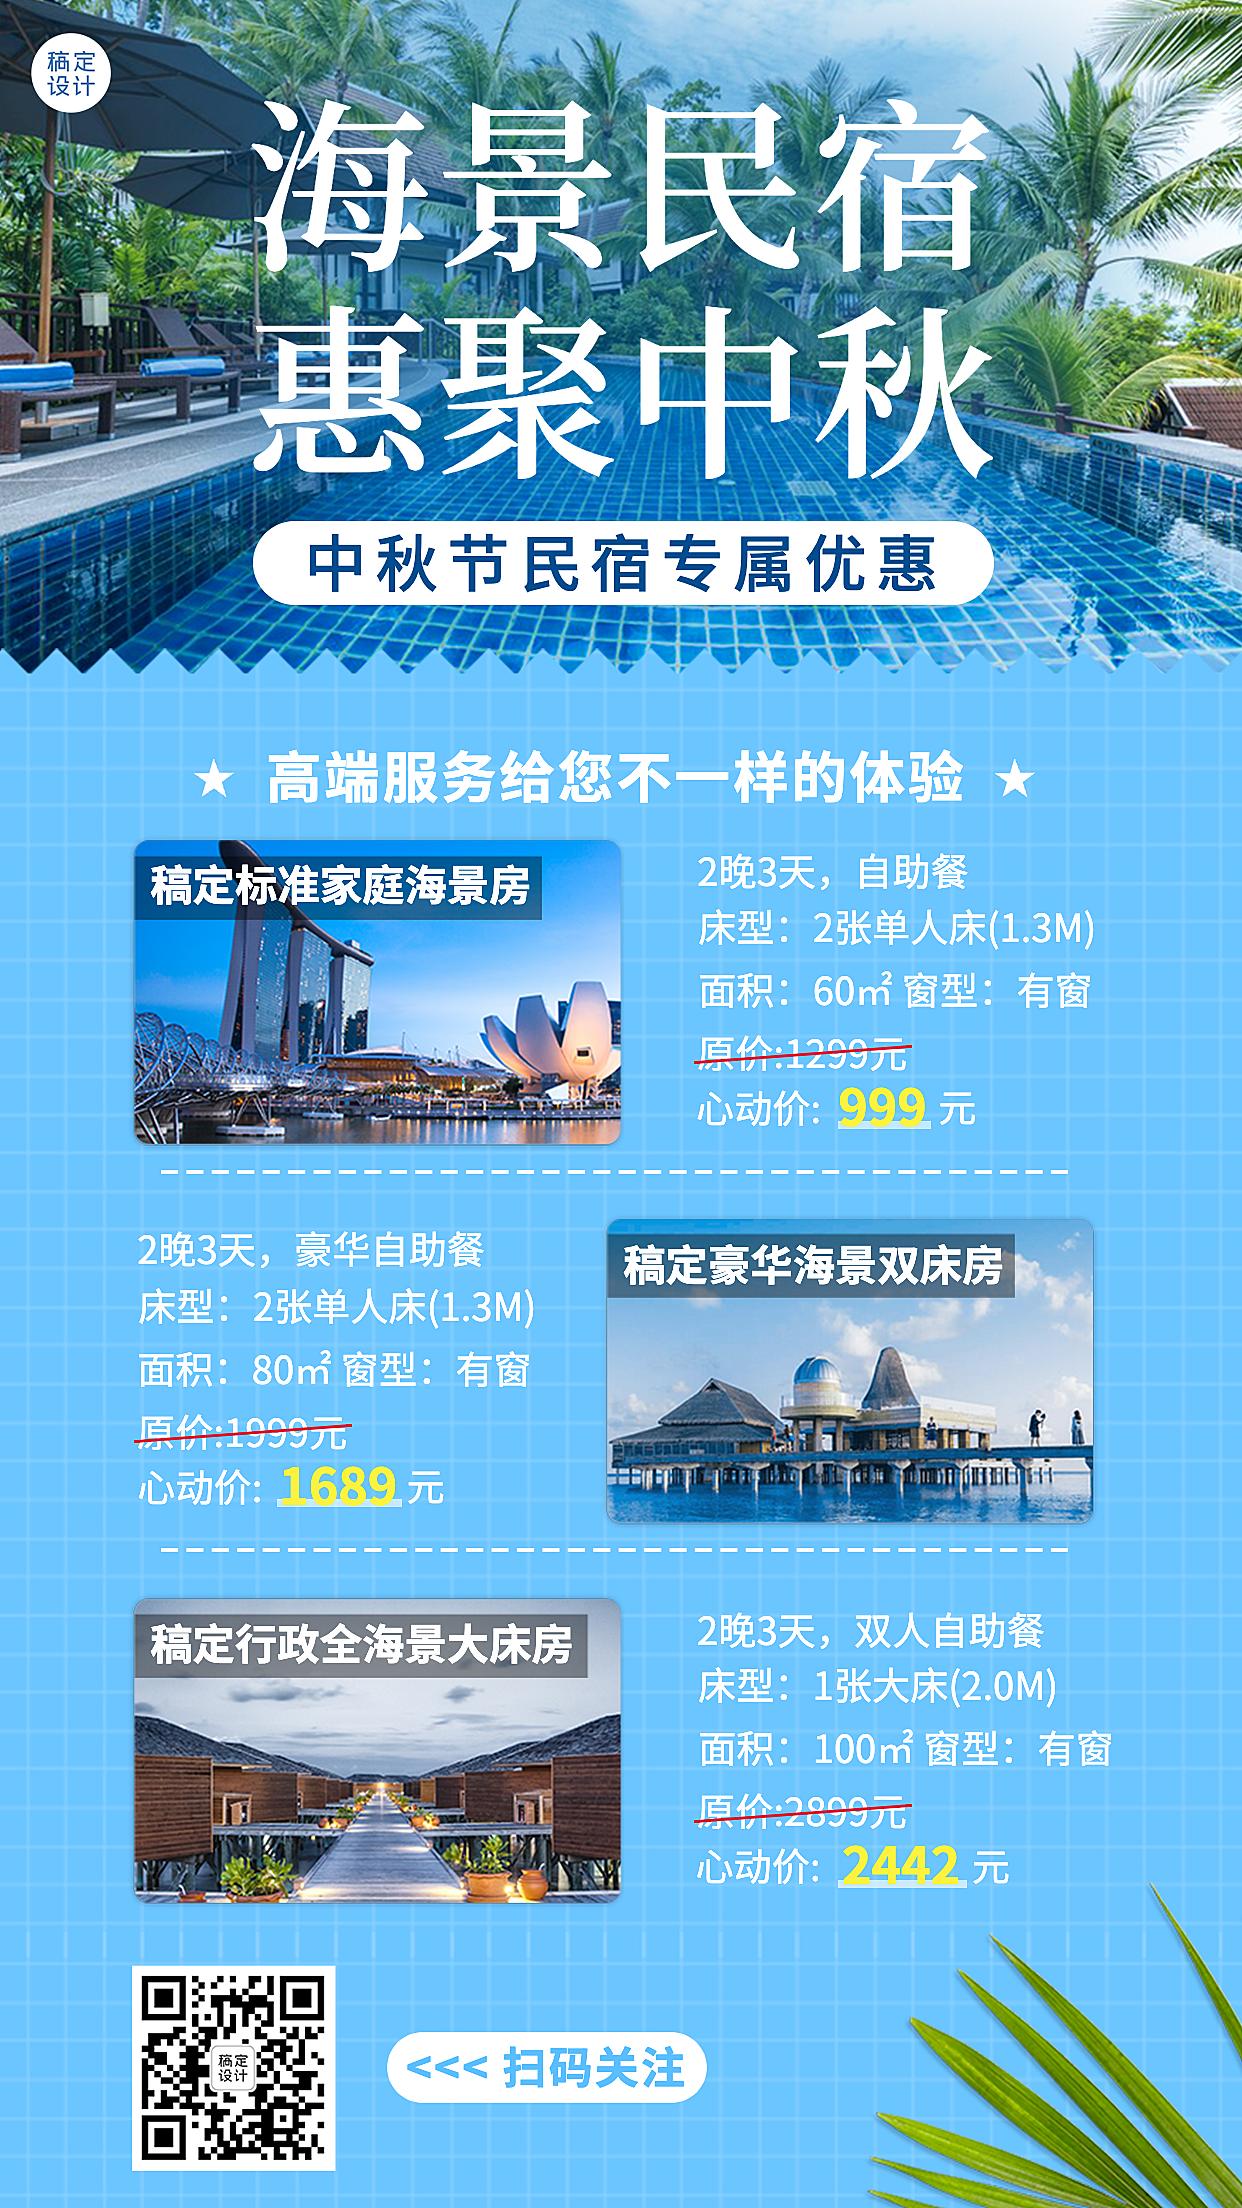 旅游中秋节酒店民宿住宿手机海报